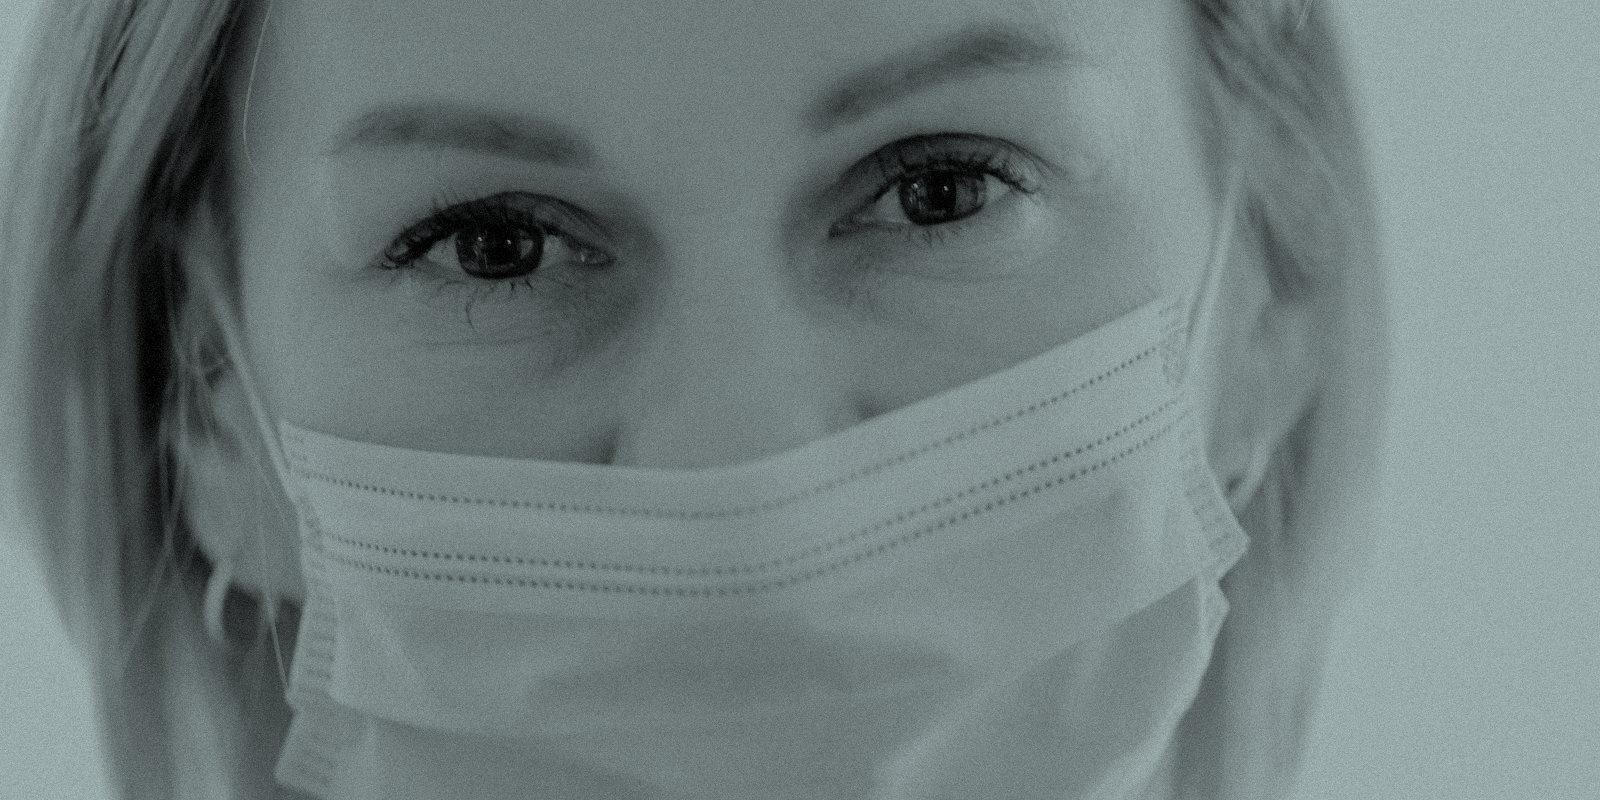 К смерти нельзя привыкнуть. Медсестра ковид-отделения Иева Лоренце